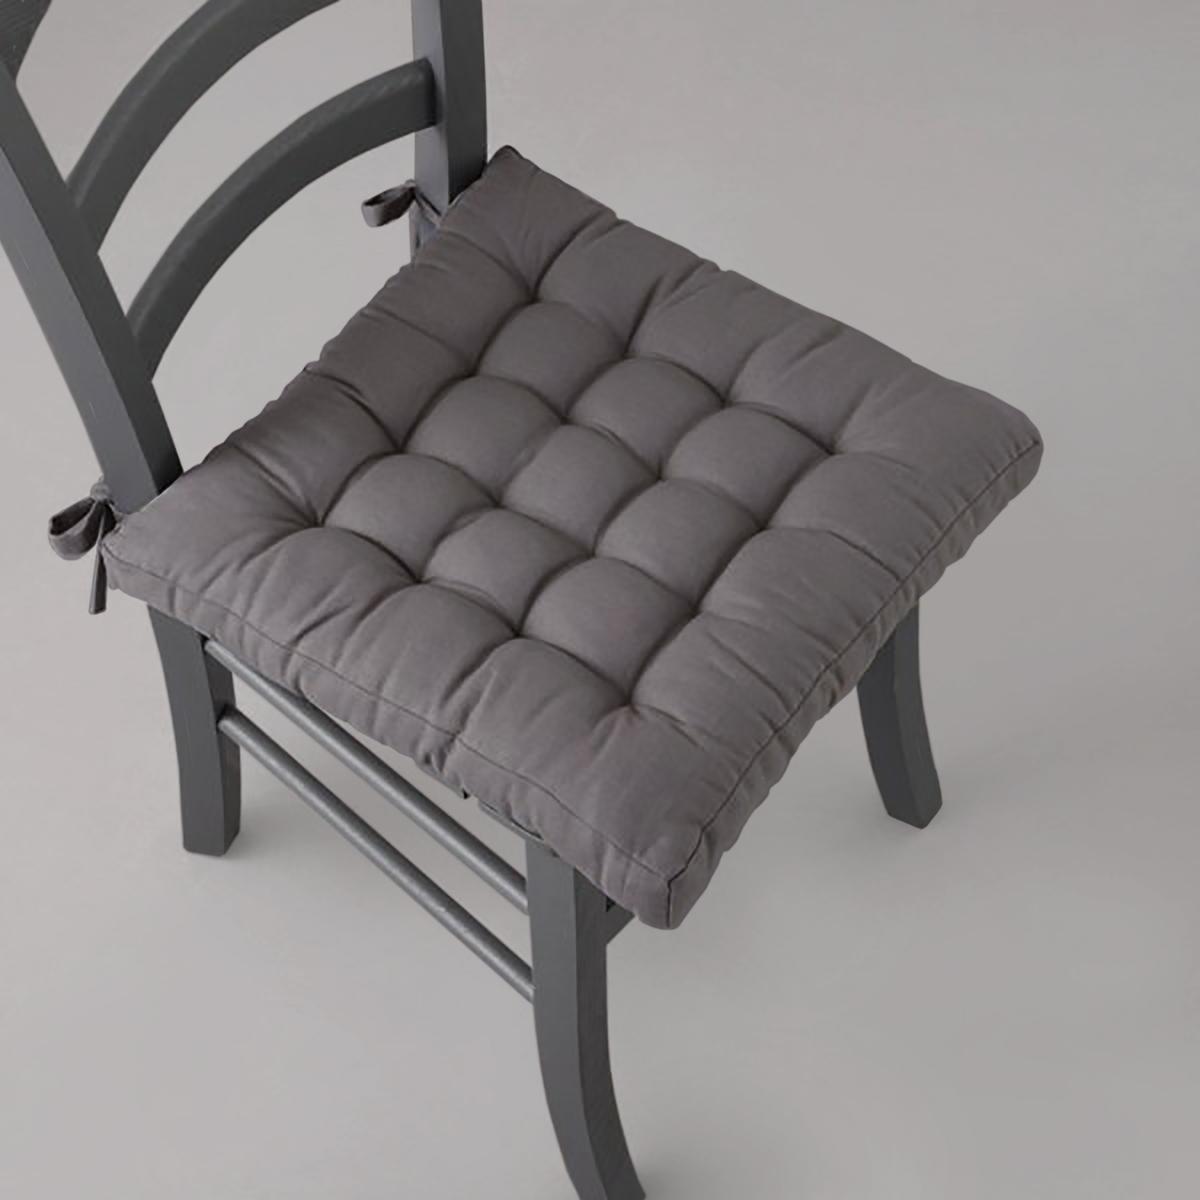 Подушка для стулаКрасивая, мягкая и удобная подушка для стула SCENARIO: различные цвета для интерьерных решений! Характеристики подушки для стула:-  ВЫСОКОЕ КАЧЕСТВО изготовления и отделки.- Верх из прочного и легкого в уходе полотна, 100% хлопка (220 г/м?). - Наполнитель: 100% хлопка, толщина 3 см. - Крепится на стул с помощью завязок. 68 x 140 см: 40 x 40 см. Сертификат Oeko-Tex® дает гарантию того, что товары изготовлены без применения химических средств и не представляют опасности для здоровья человека.Серию чехлов и подушек для стульев, банкеток, кресел и диванов различных цветов Вы найдете на сайте laredoute.ru. Отличный способ освежить интерьер!<br><br>Цвет: антрацит,белый,медовый,рубиново-красный,серо-коричневый каштан,сине-зеленый,сливовый